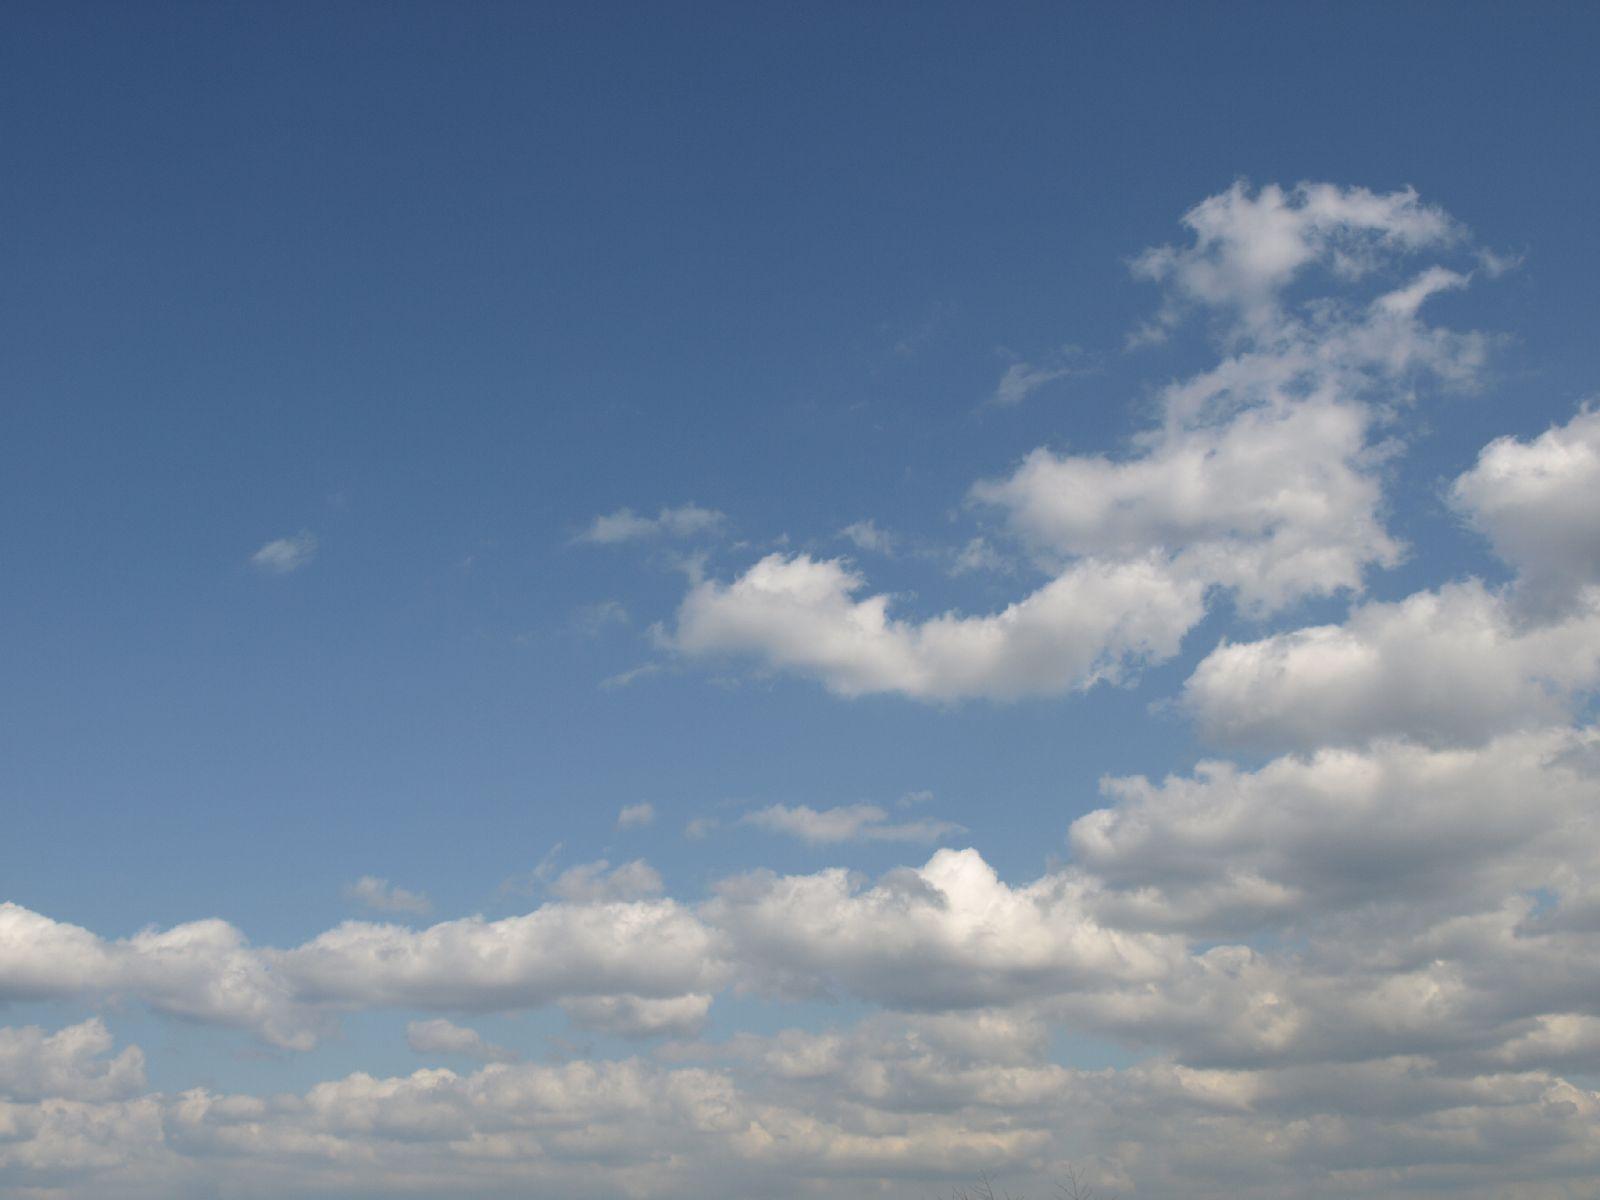 Himmel-Wolken-Foto_Textur_A_P4241751